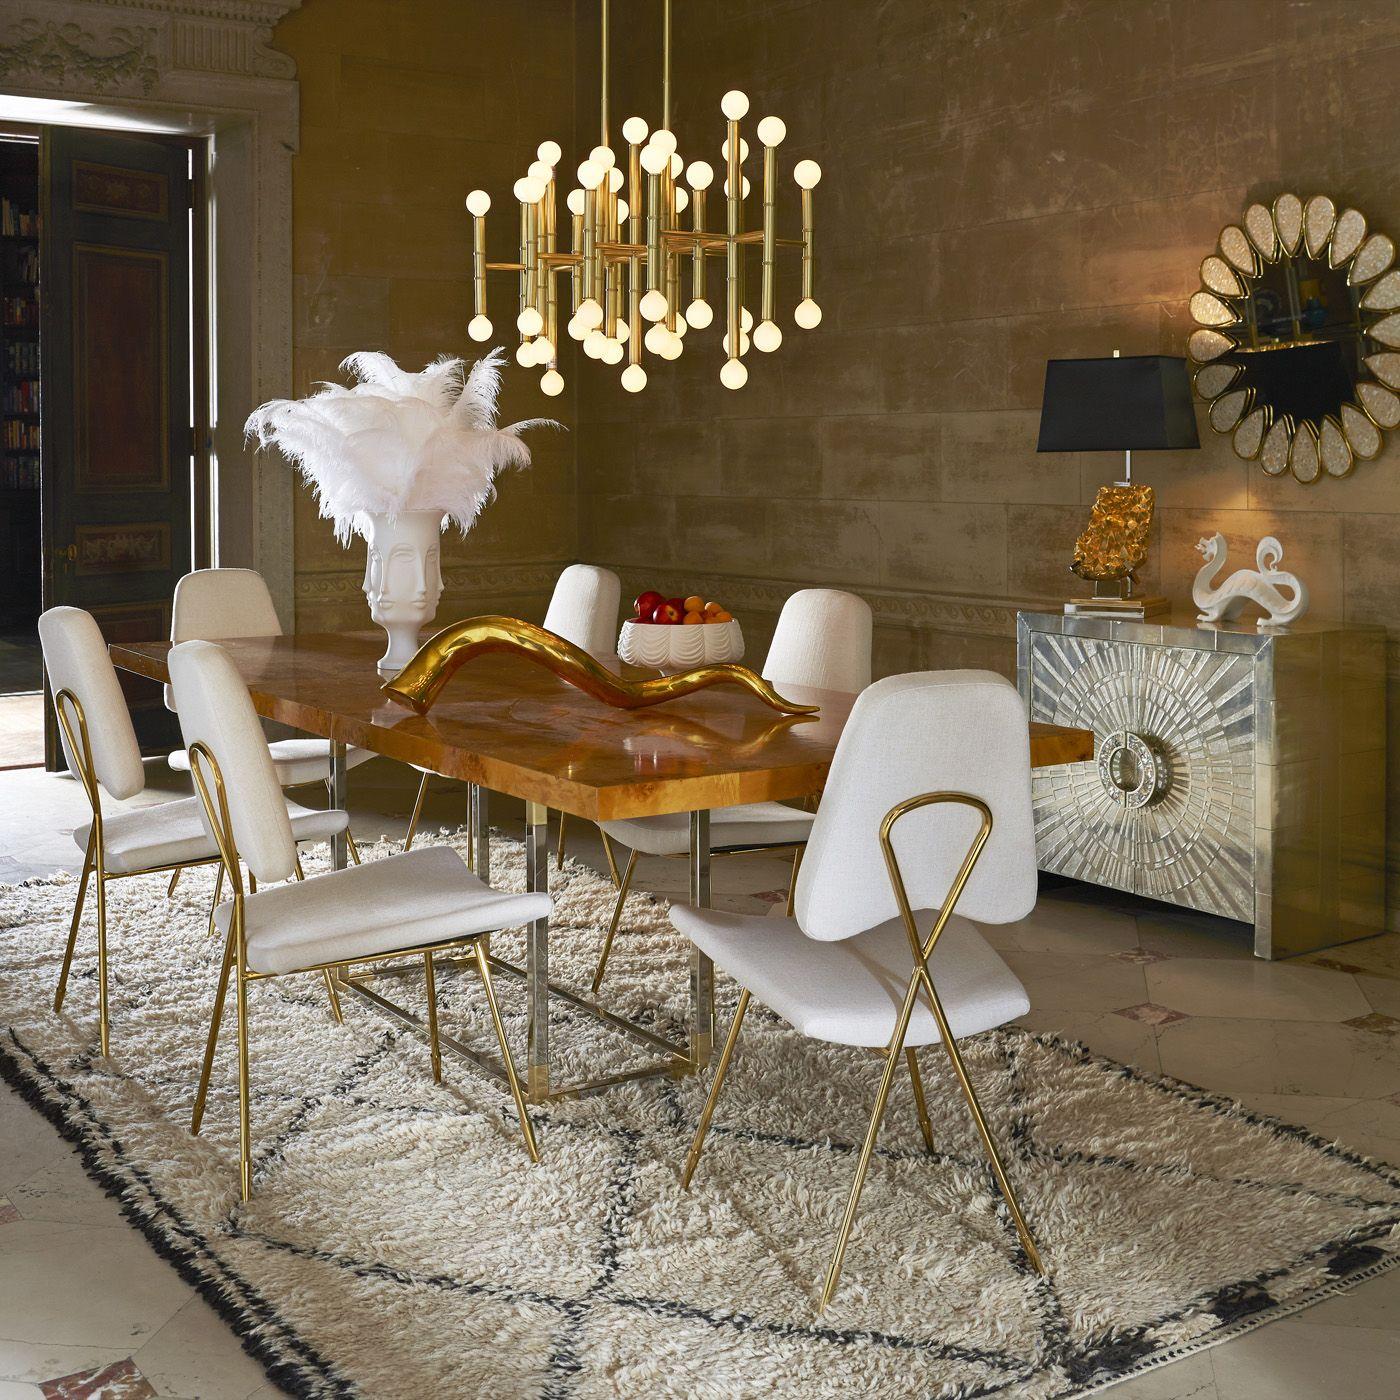 img adler ventana jonathan modern lamp aptdeco lamps nickel floor chrome